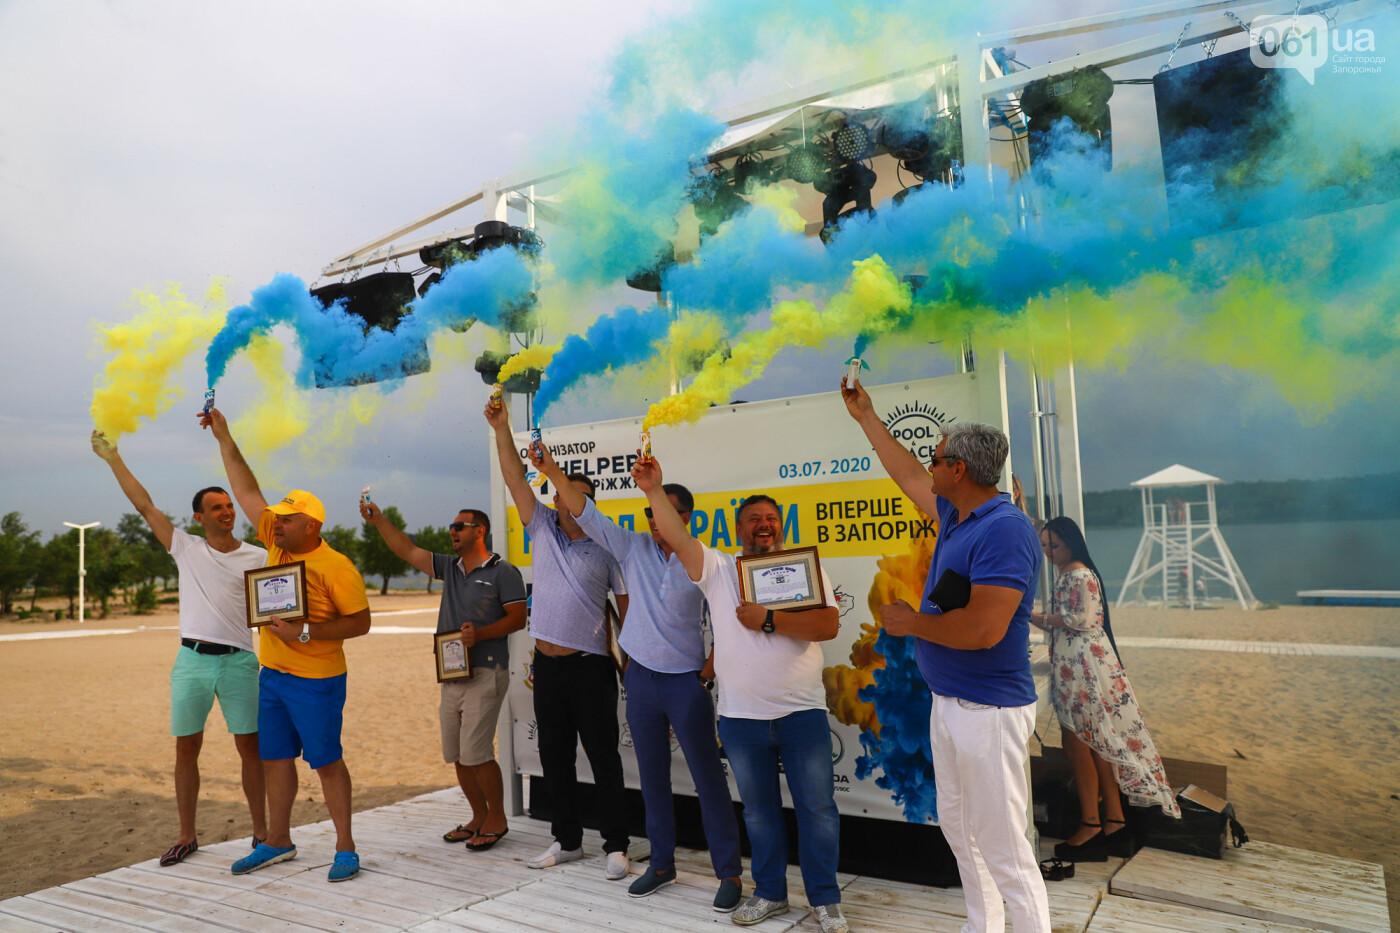 На пляже в Запорожье зажгли желто-синие дымовые шашки и установили рекорд Украины, - ФОТОРЕПОРТАЖ, фото-28